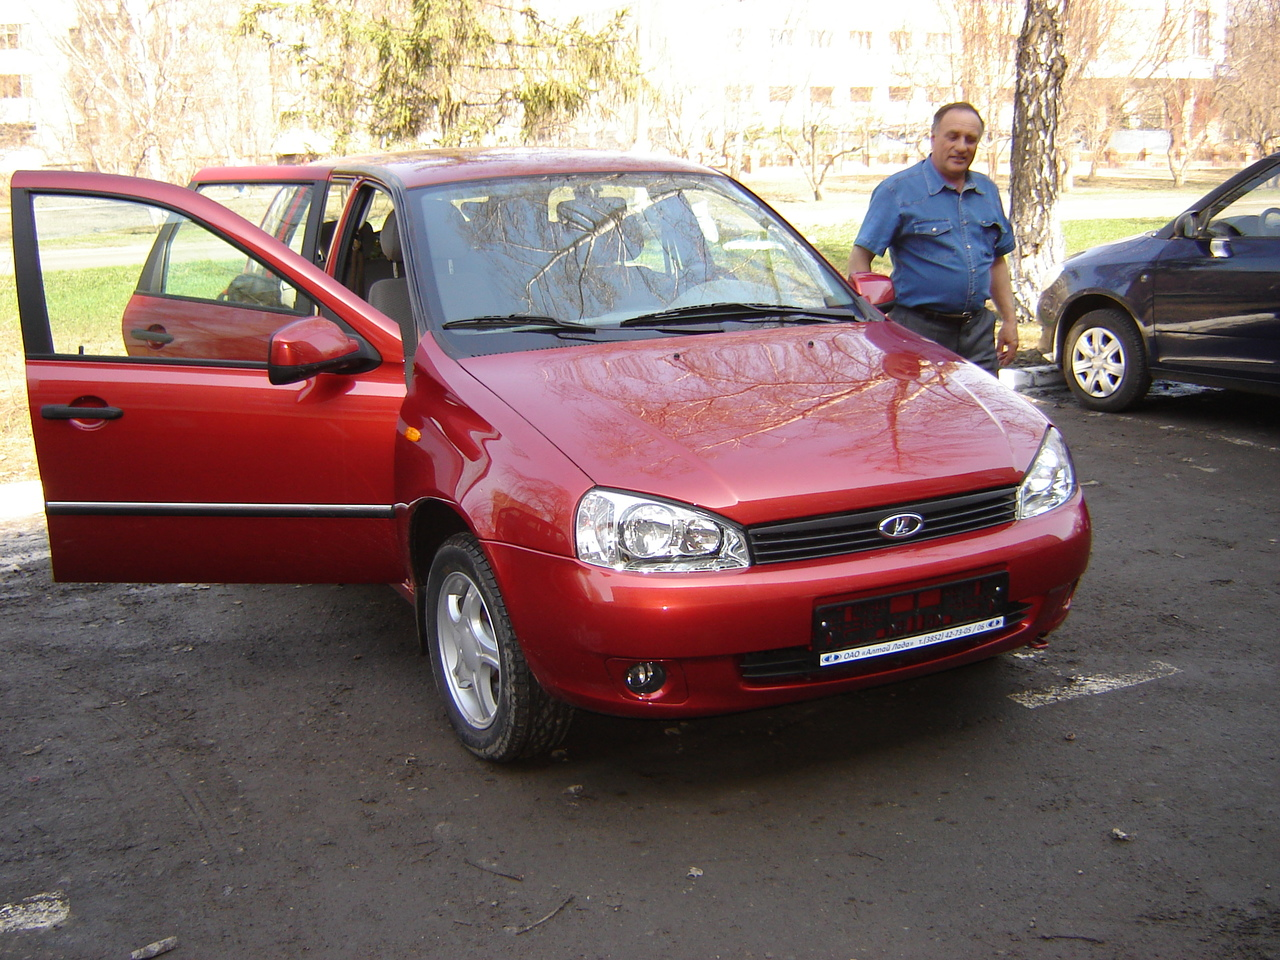 Покупка, эйфория от нового авто прошла после 100 тыс.км.